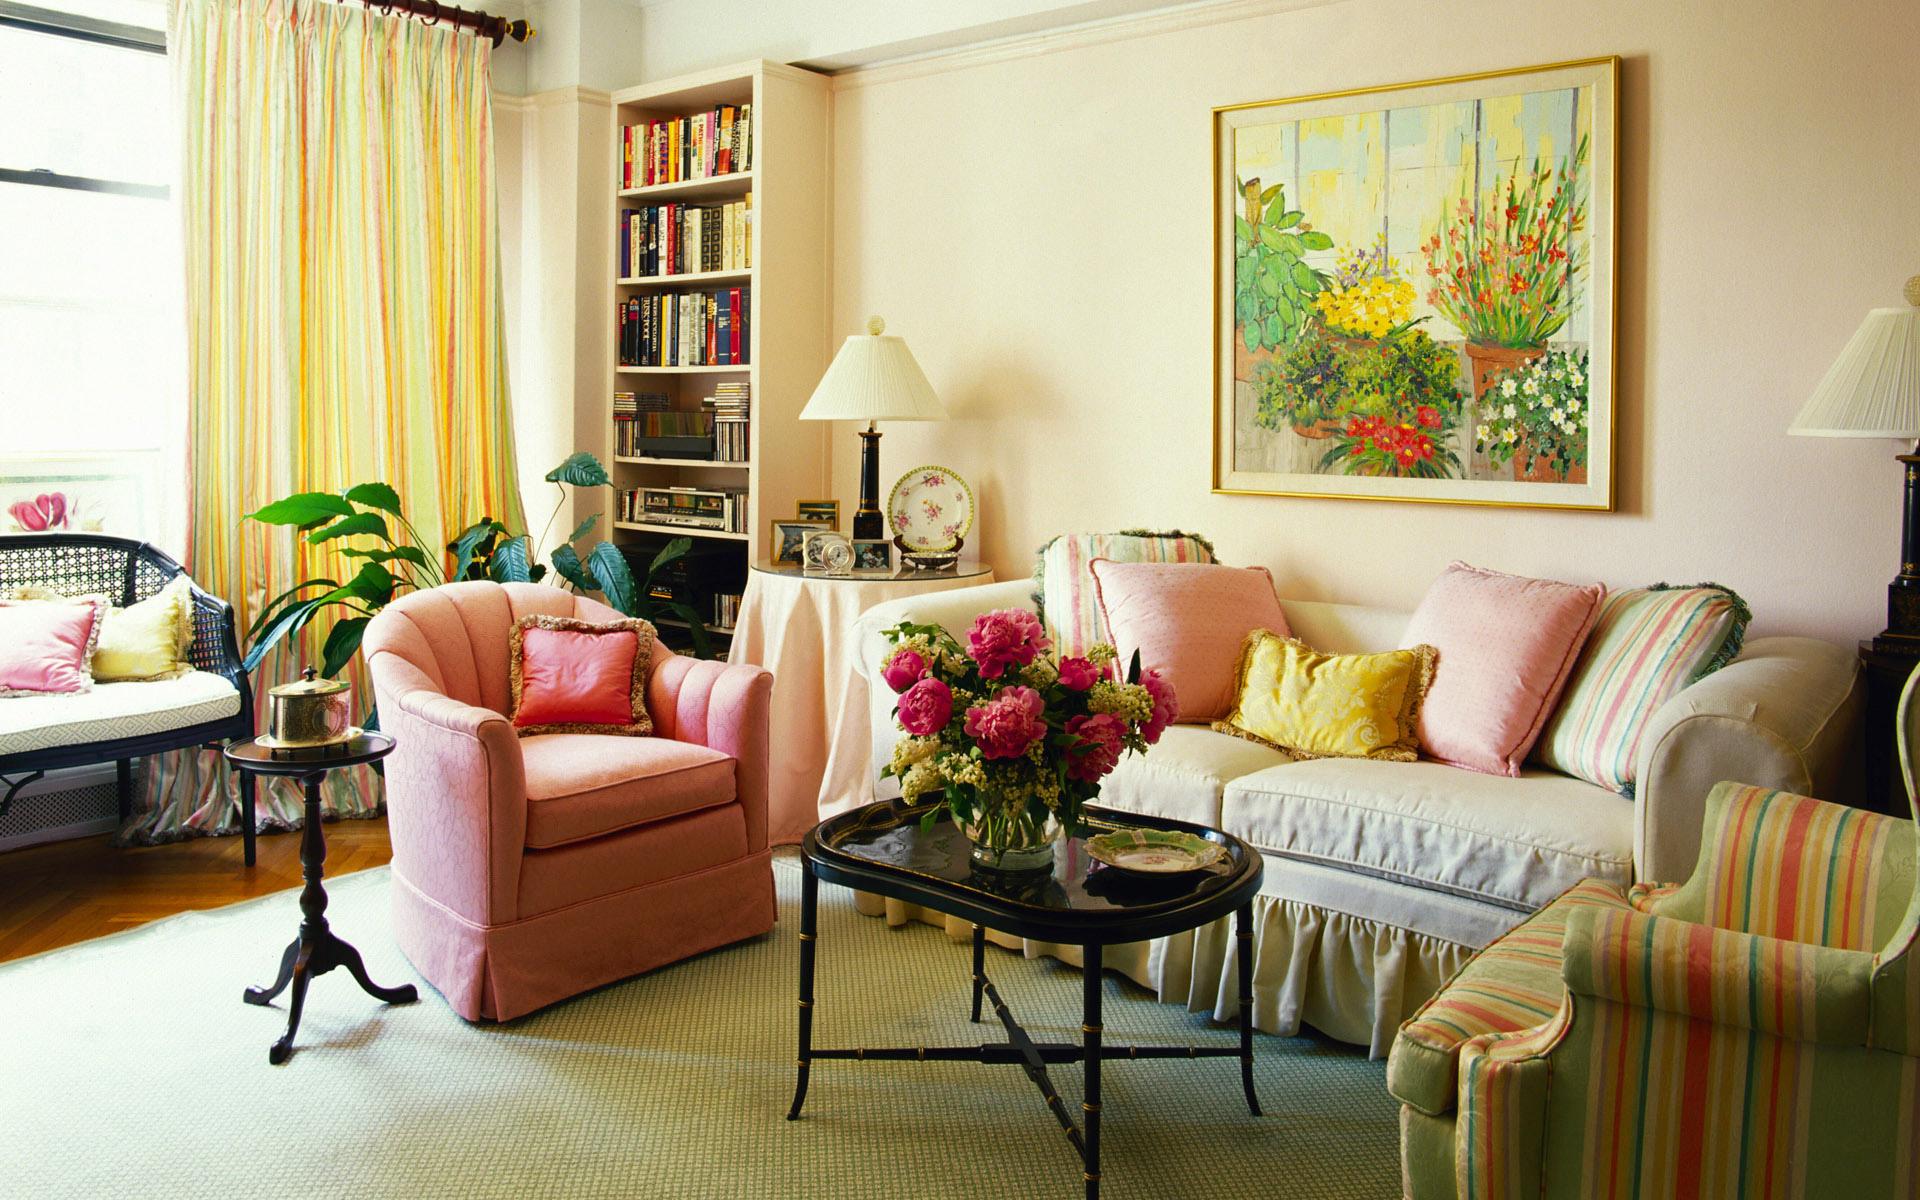 Interior Wallpaper For Home 13 Inspiring Design. Interior Wallpaper For Home 1 Design Ideas   EnhancedHomes org